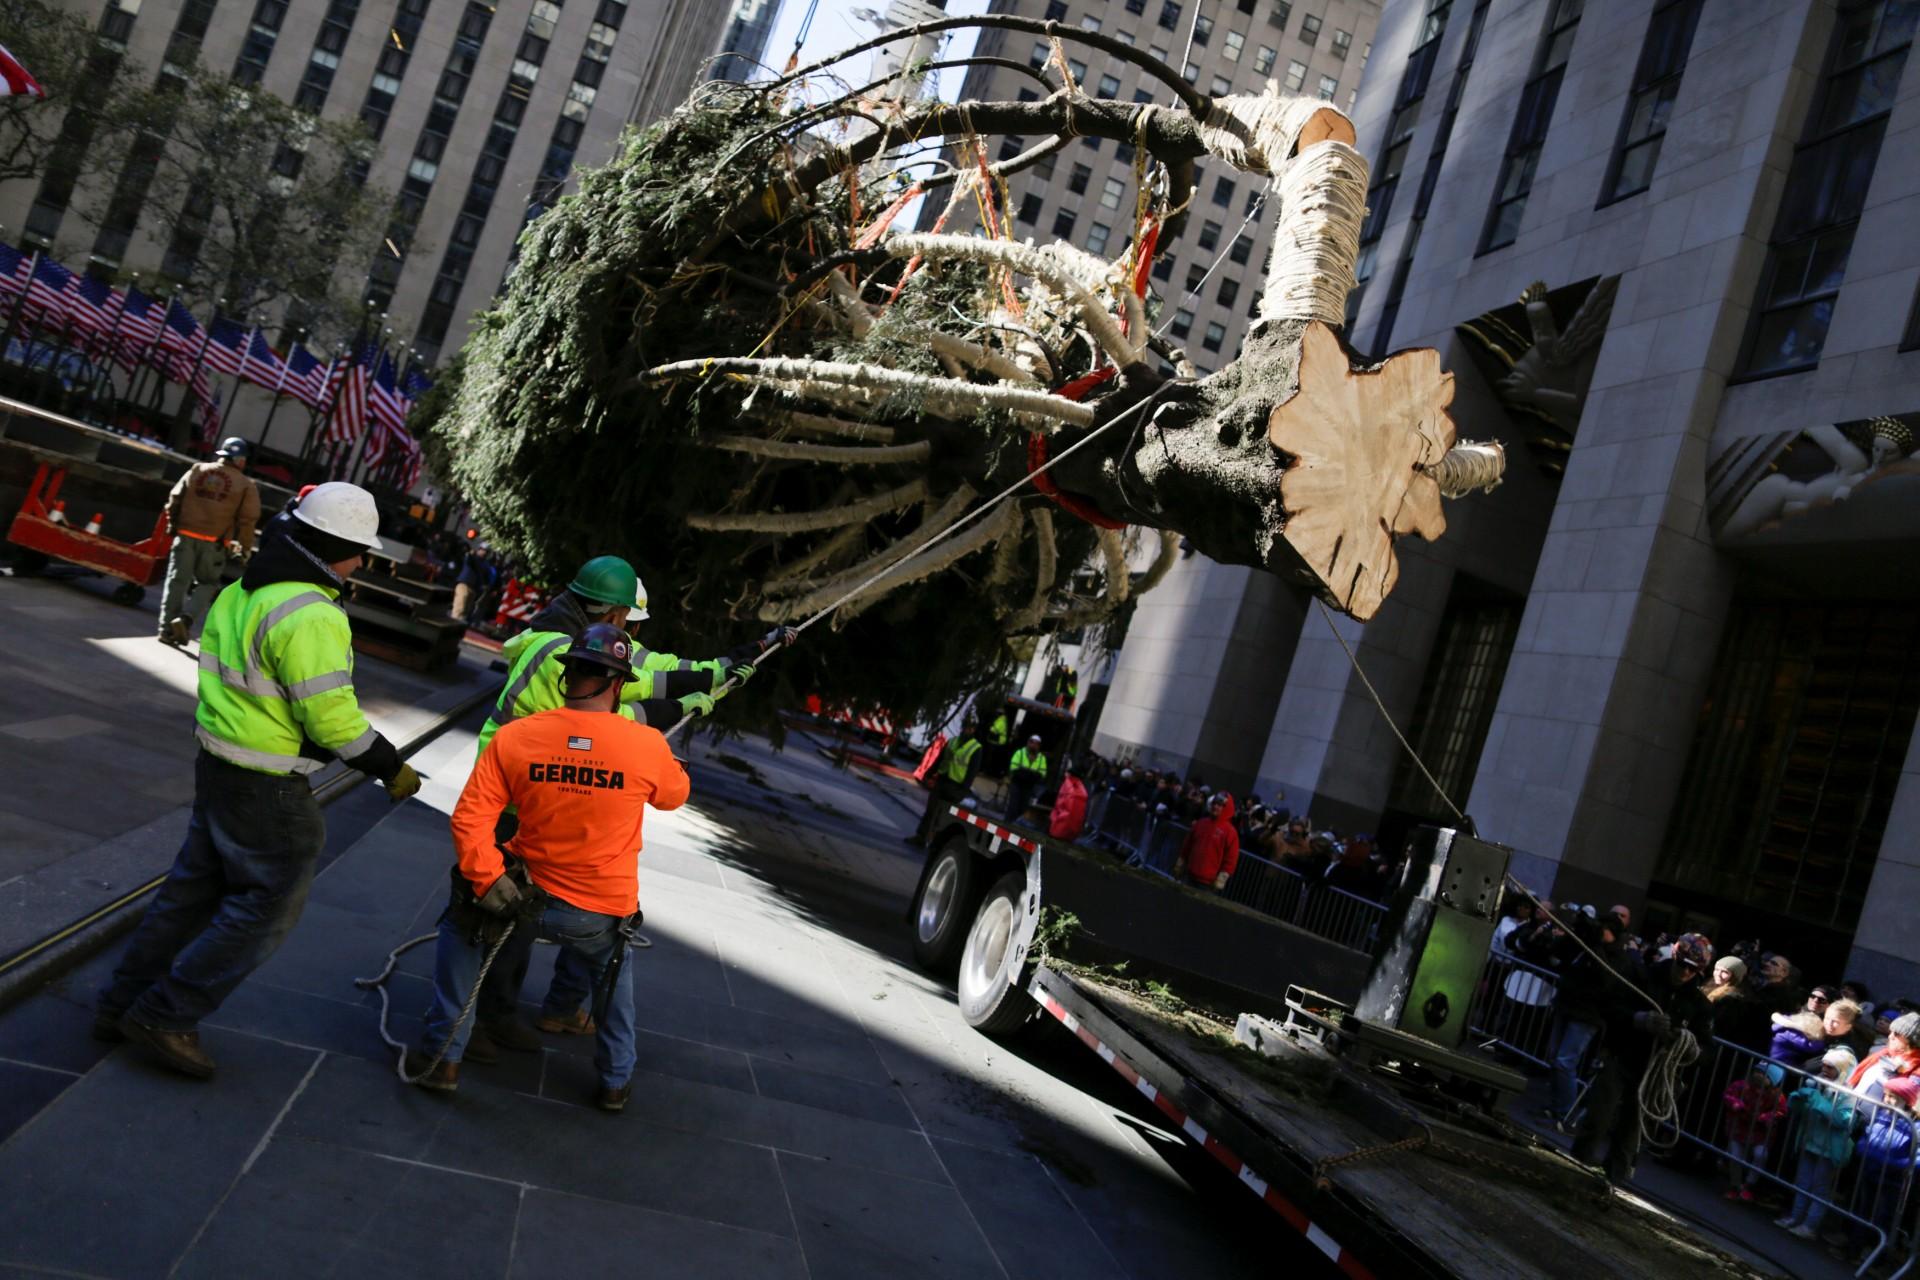 El encendido del árbol marca el comienzo de las celebraciones navideñas en la Gran Manzana